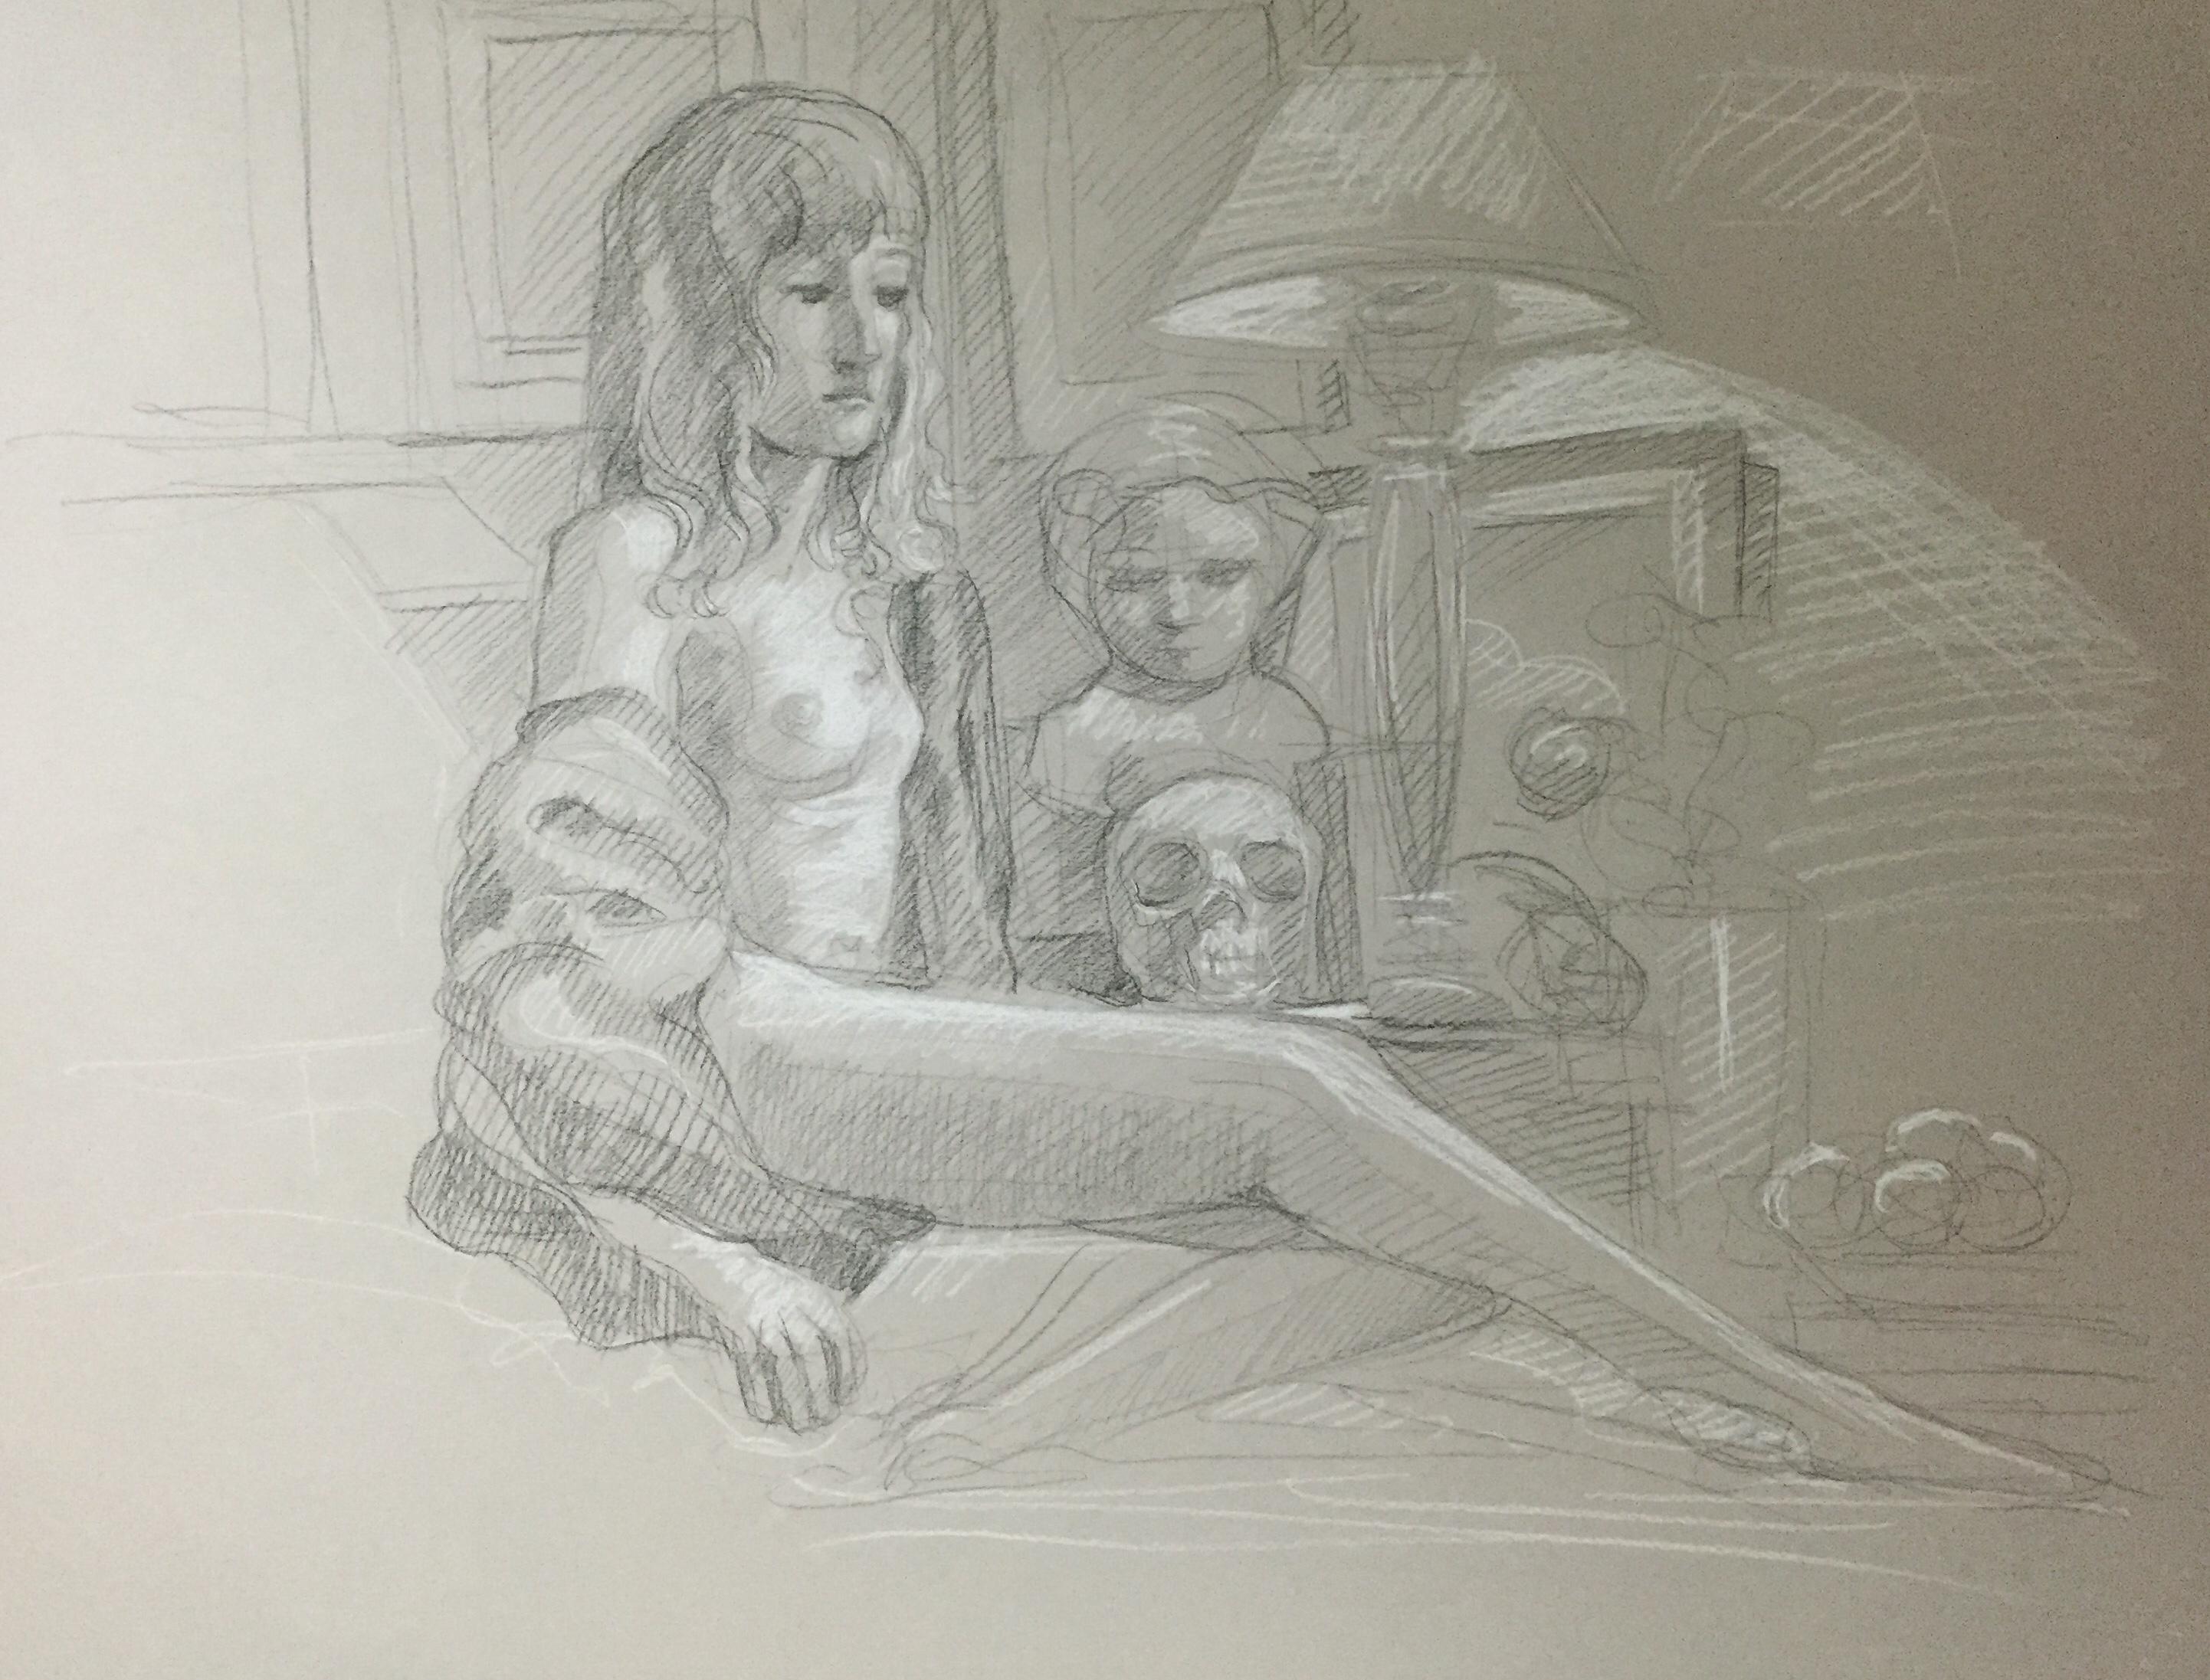 Modèle vivant 83 : pierre noire et crayon blanc